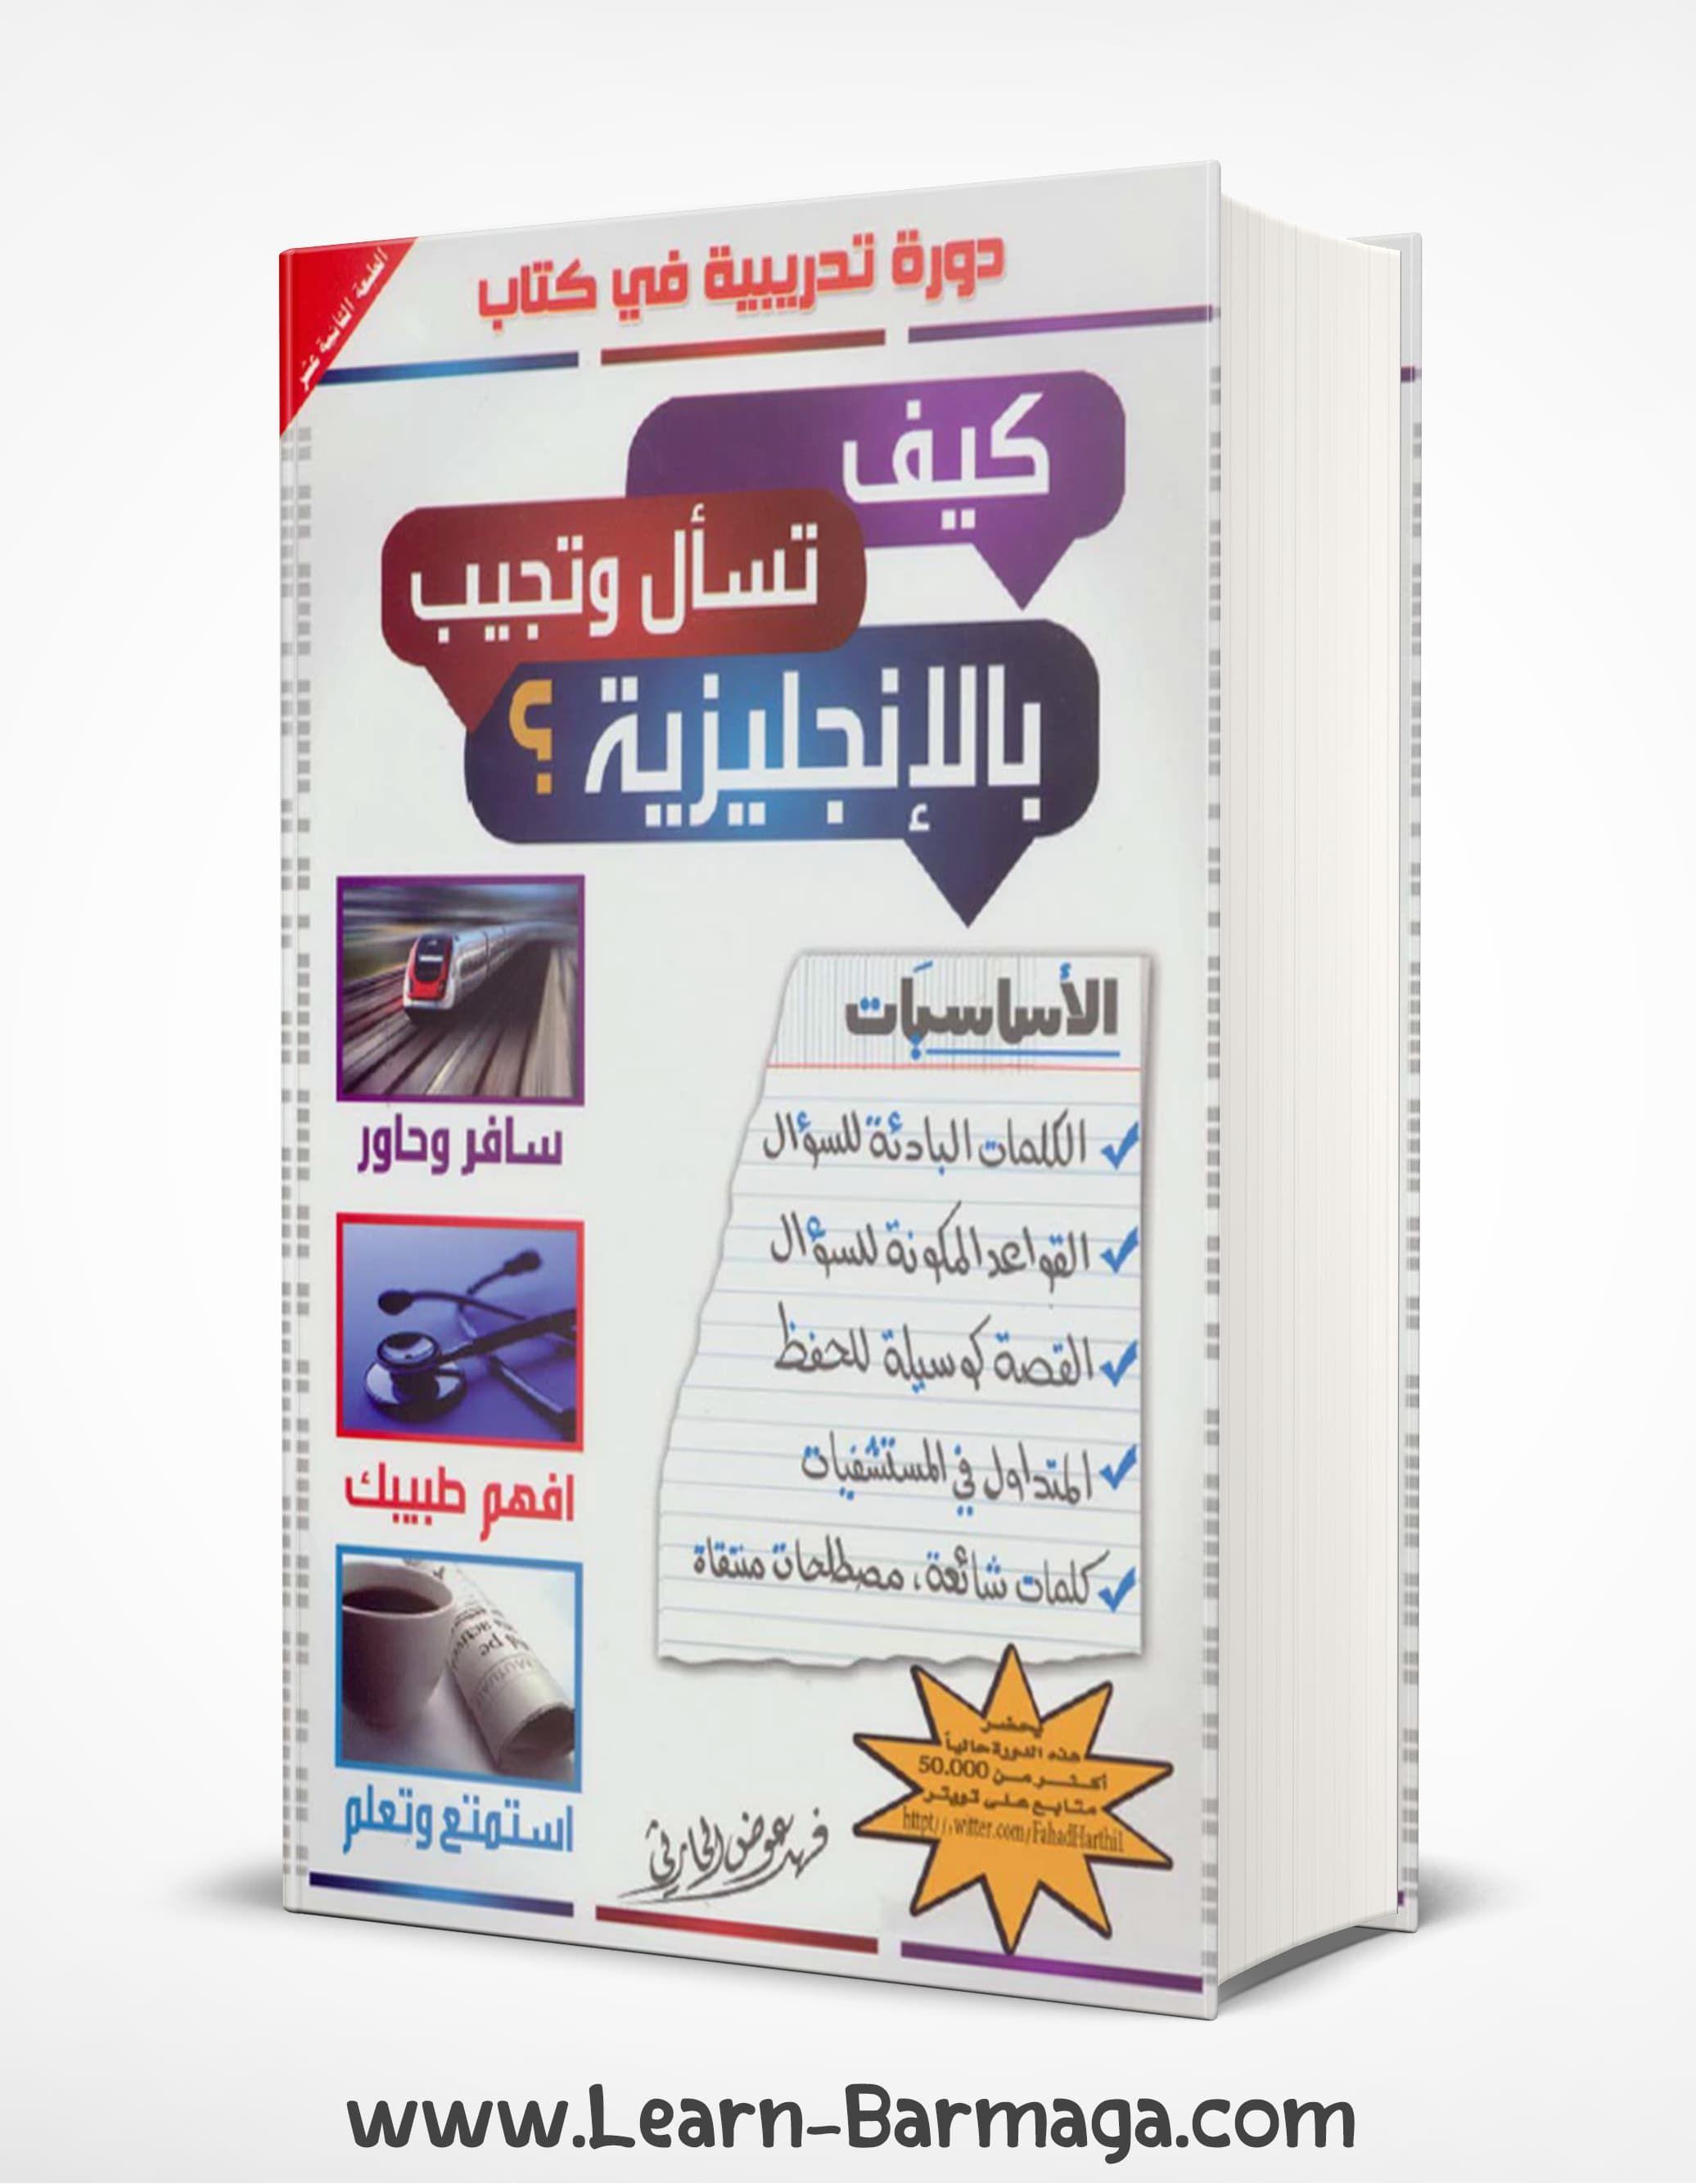 كتاب كيف تسأل و تجيب بالانكليزية Pdf Learning